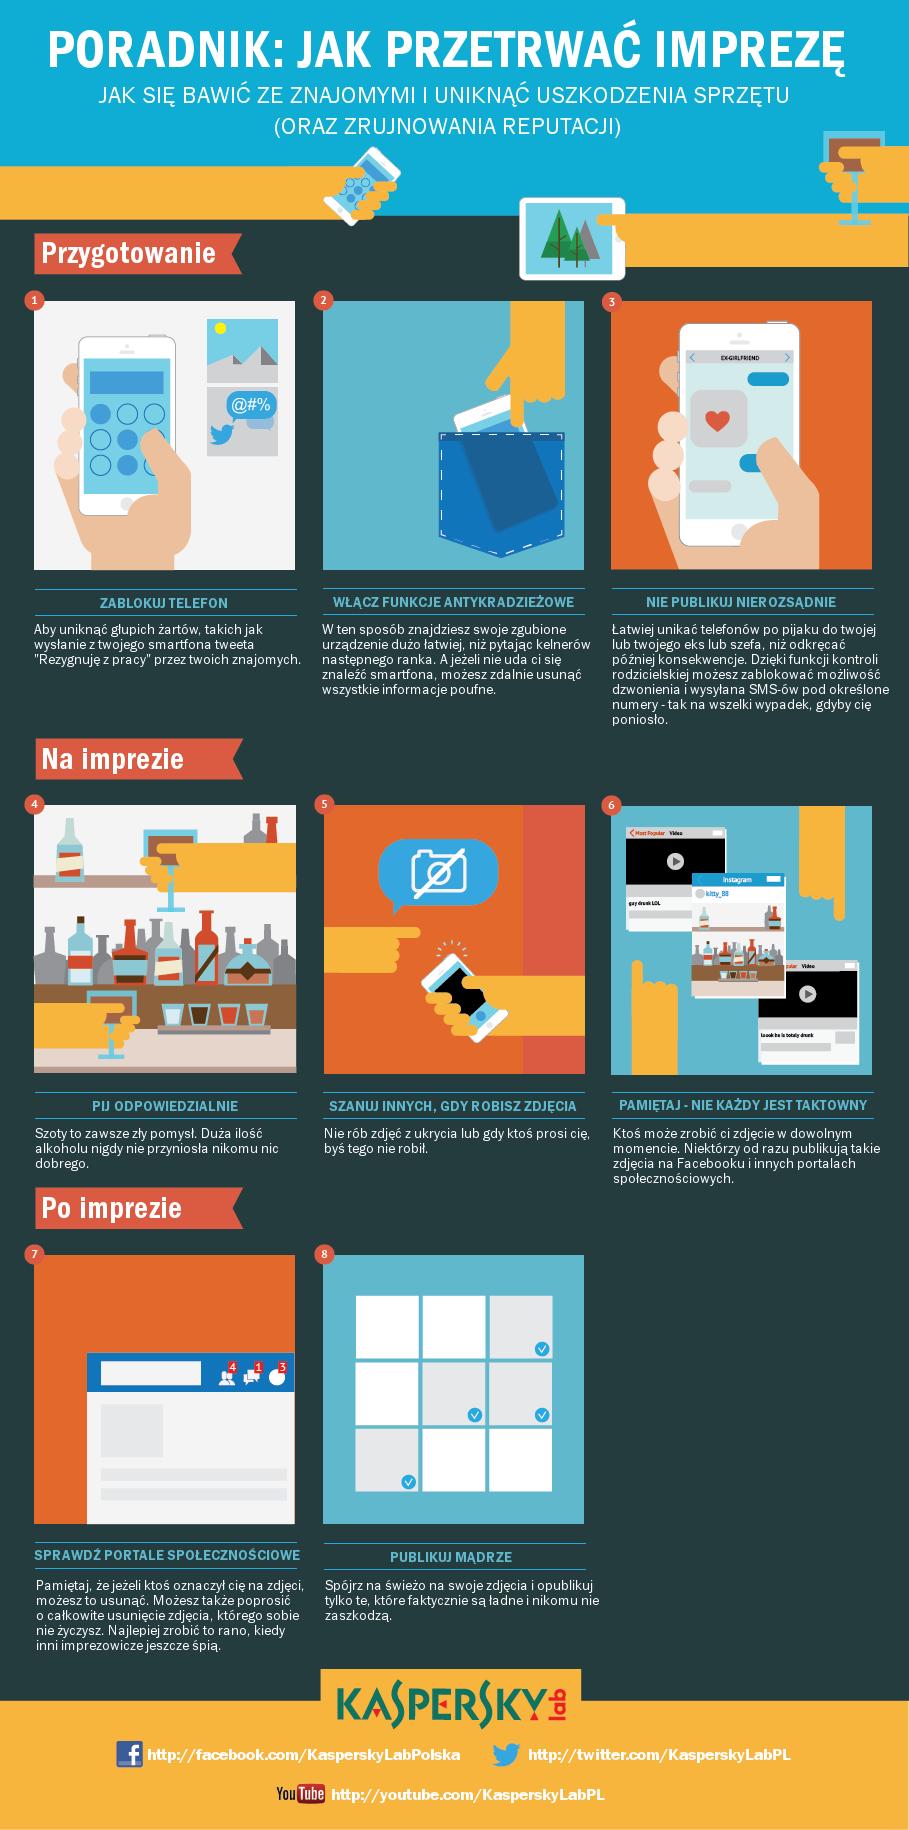 infografika_poradnik_imprezowy